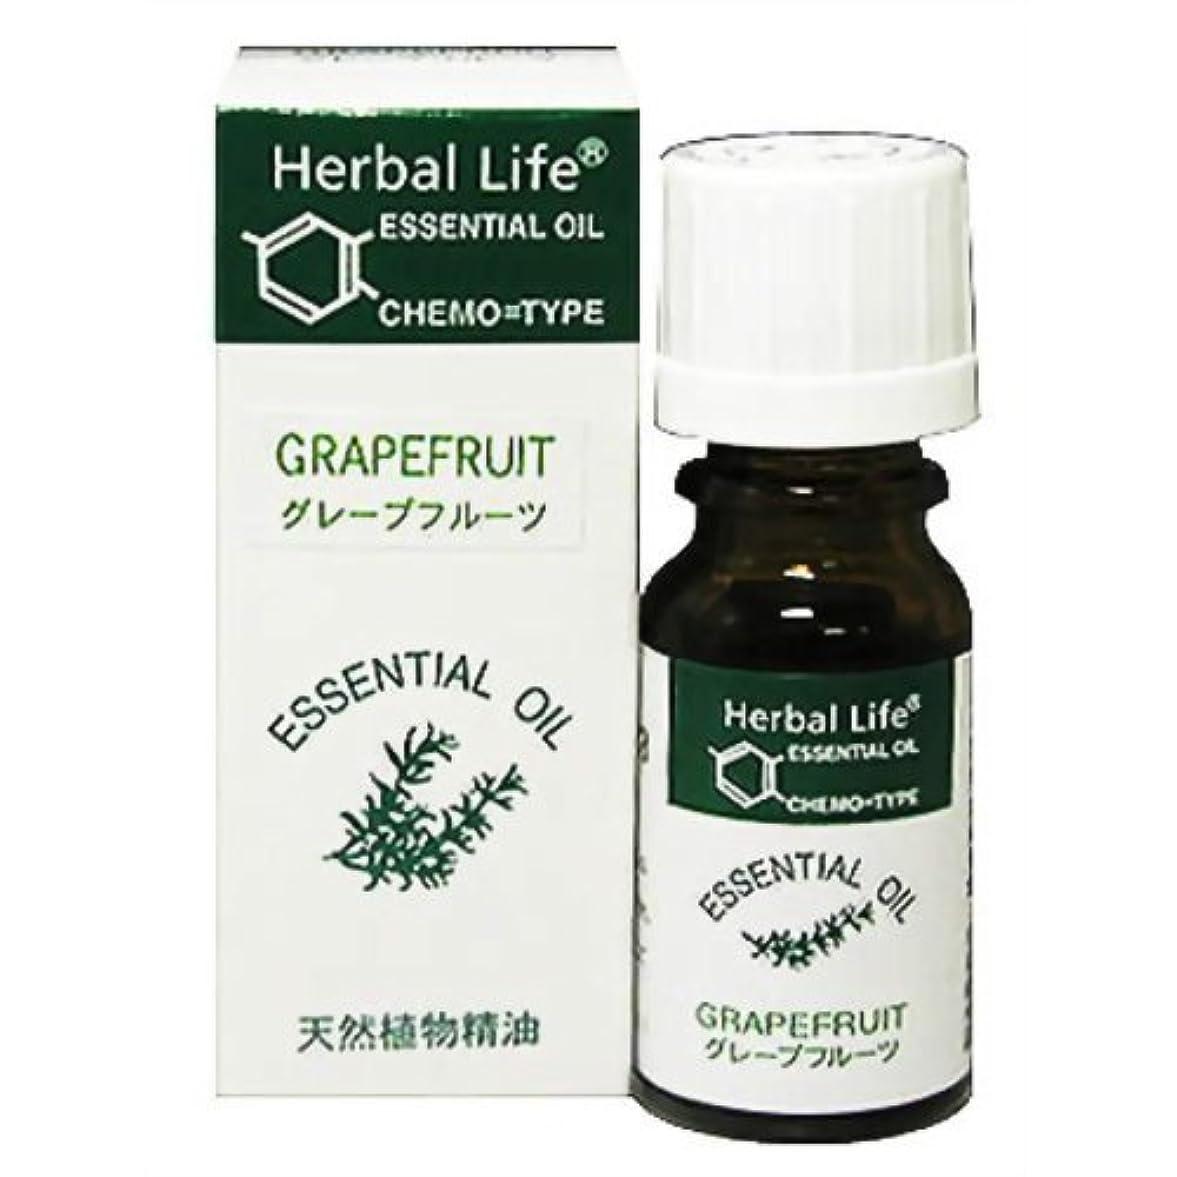 救い金銭的な透けて見える生活の木 Herbal Life グレープフルーツ 10ml